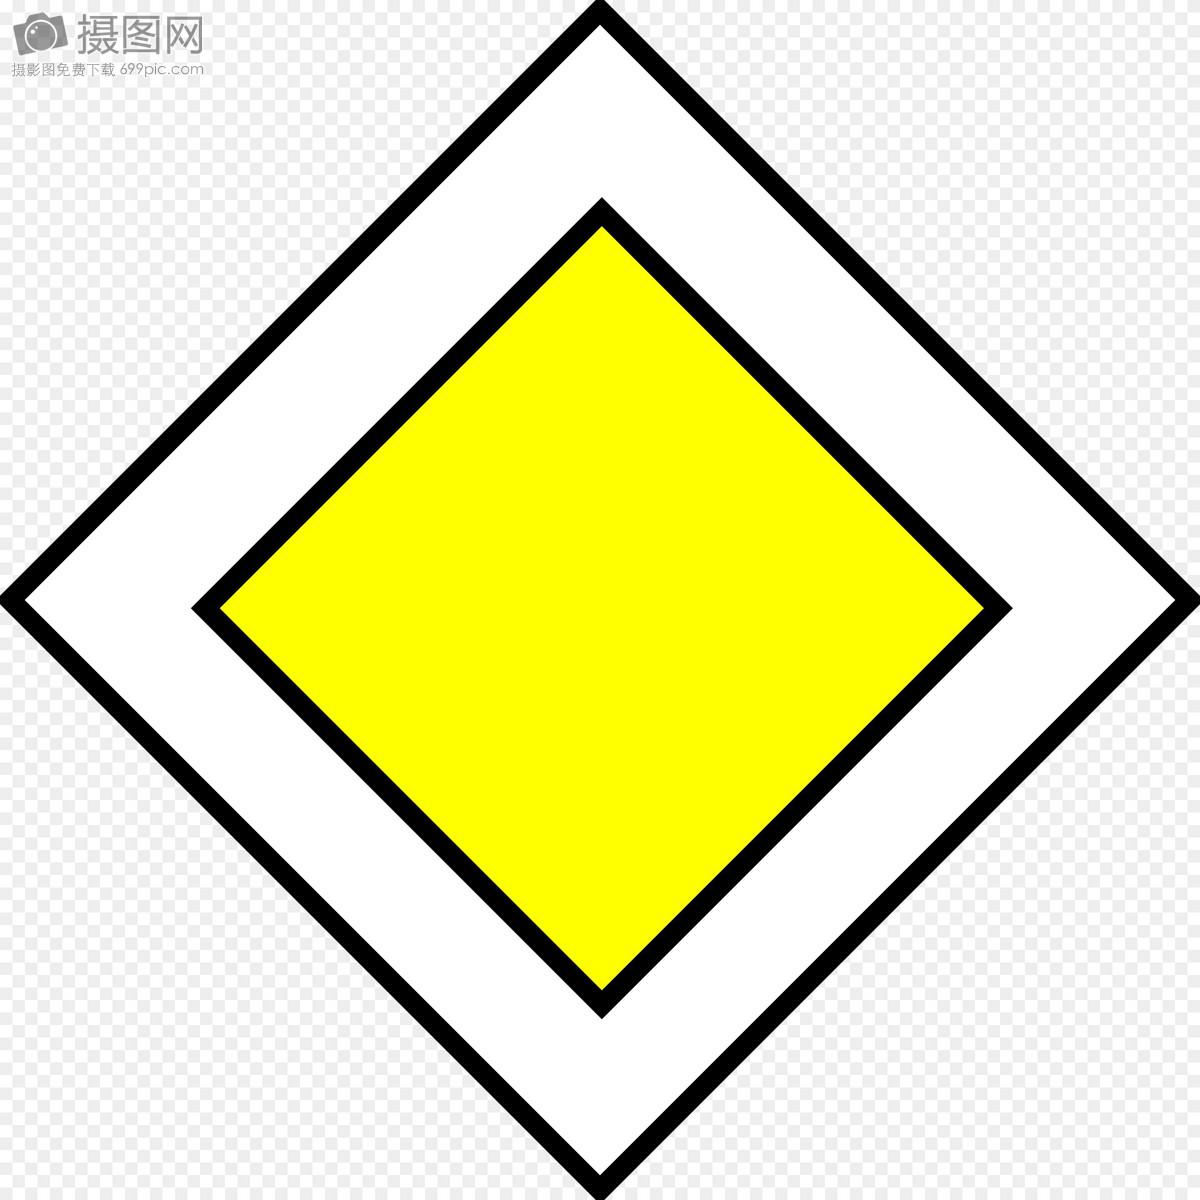 矢量图标志模式路金刚石黄金黄色与白色菱形图案图片黄色与白色菱形